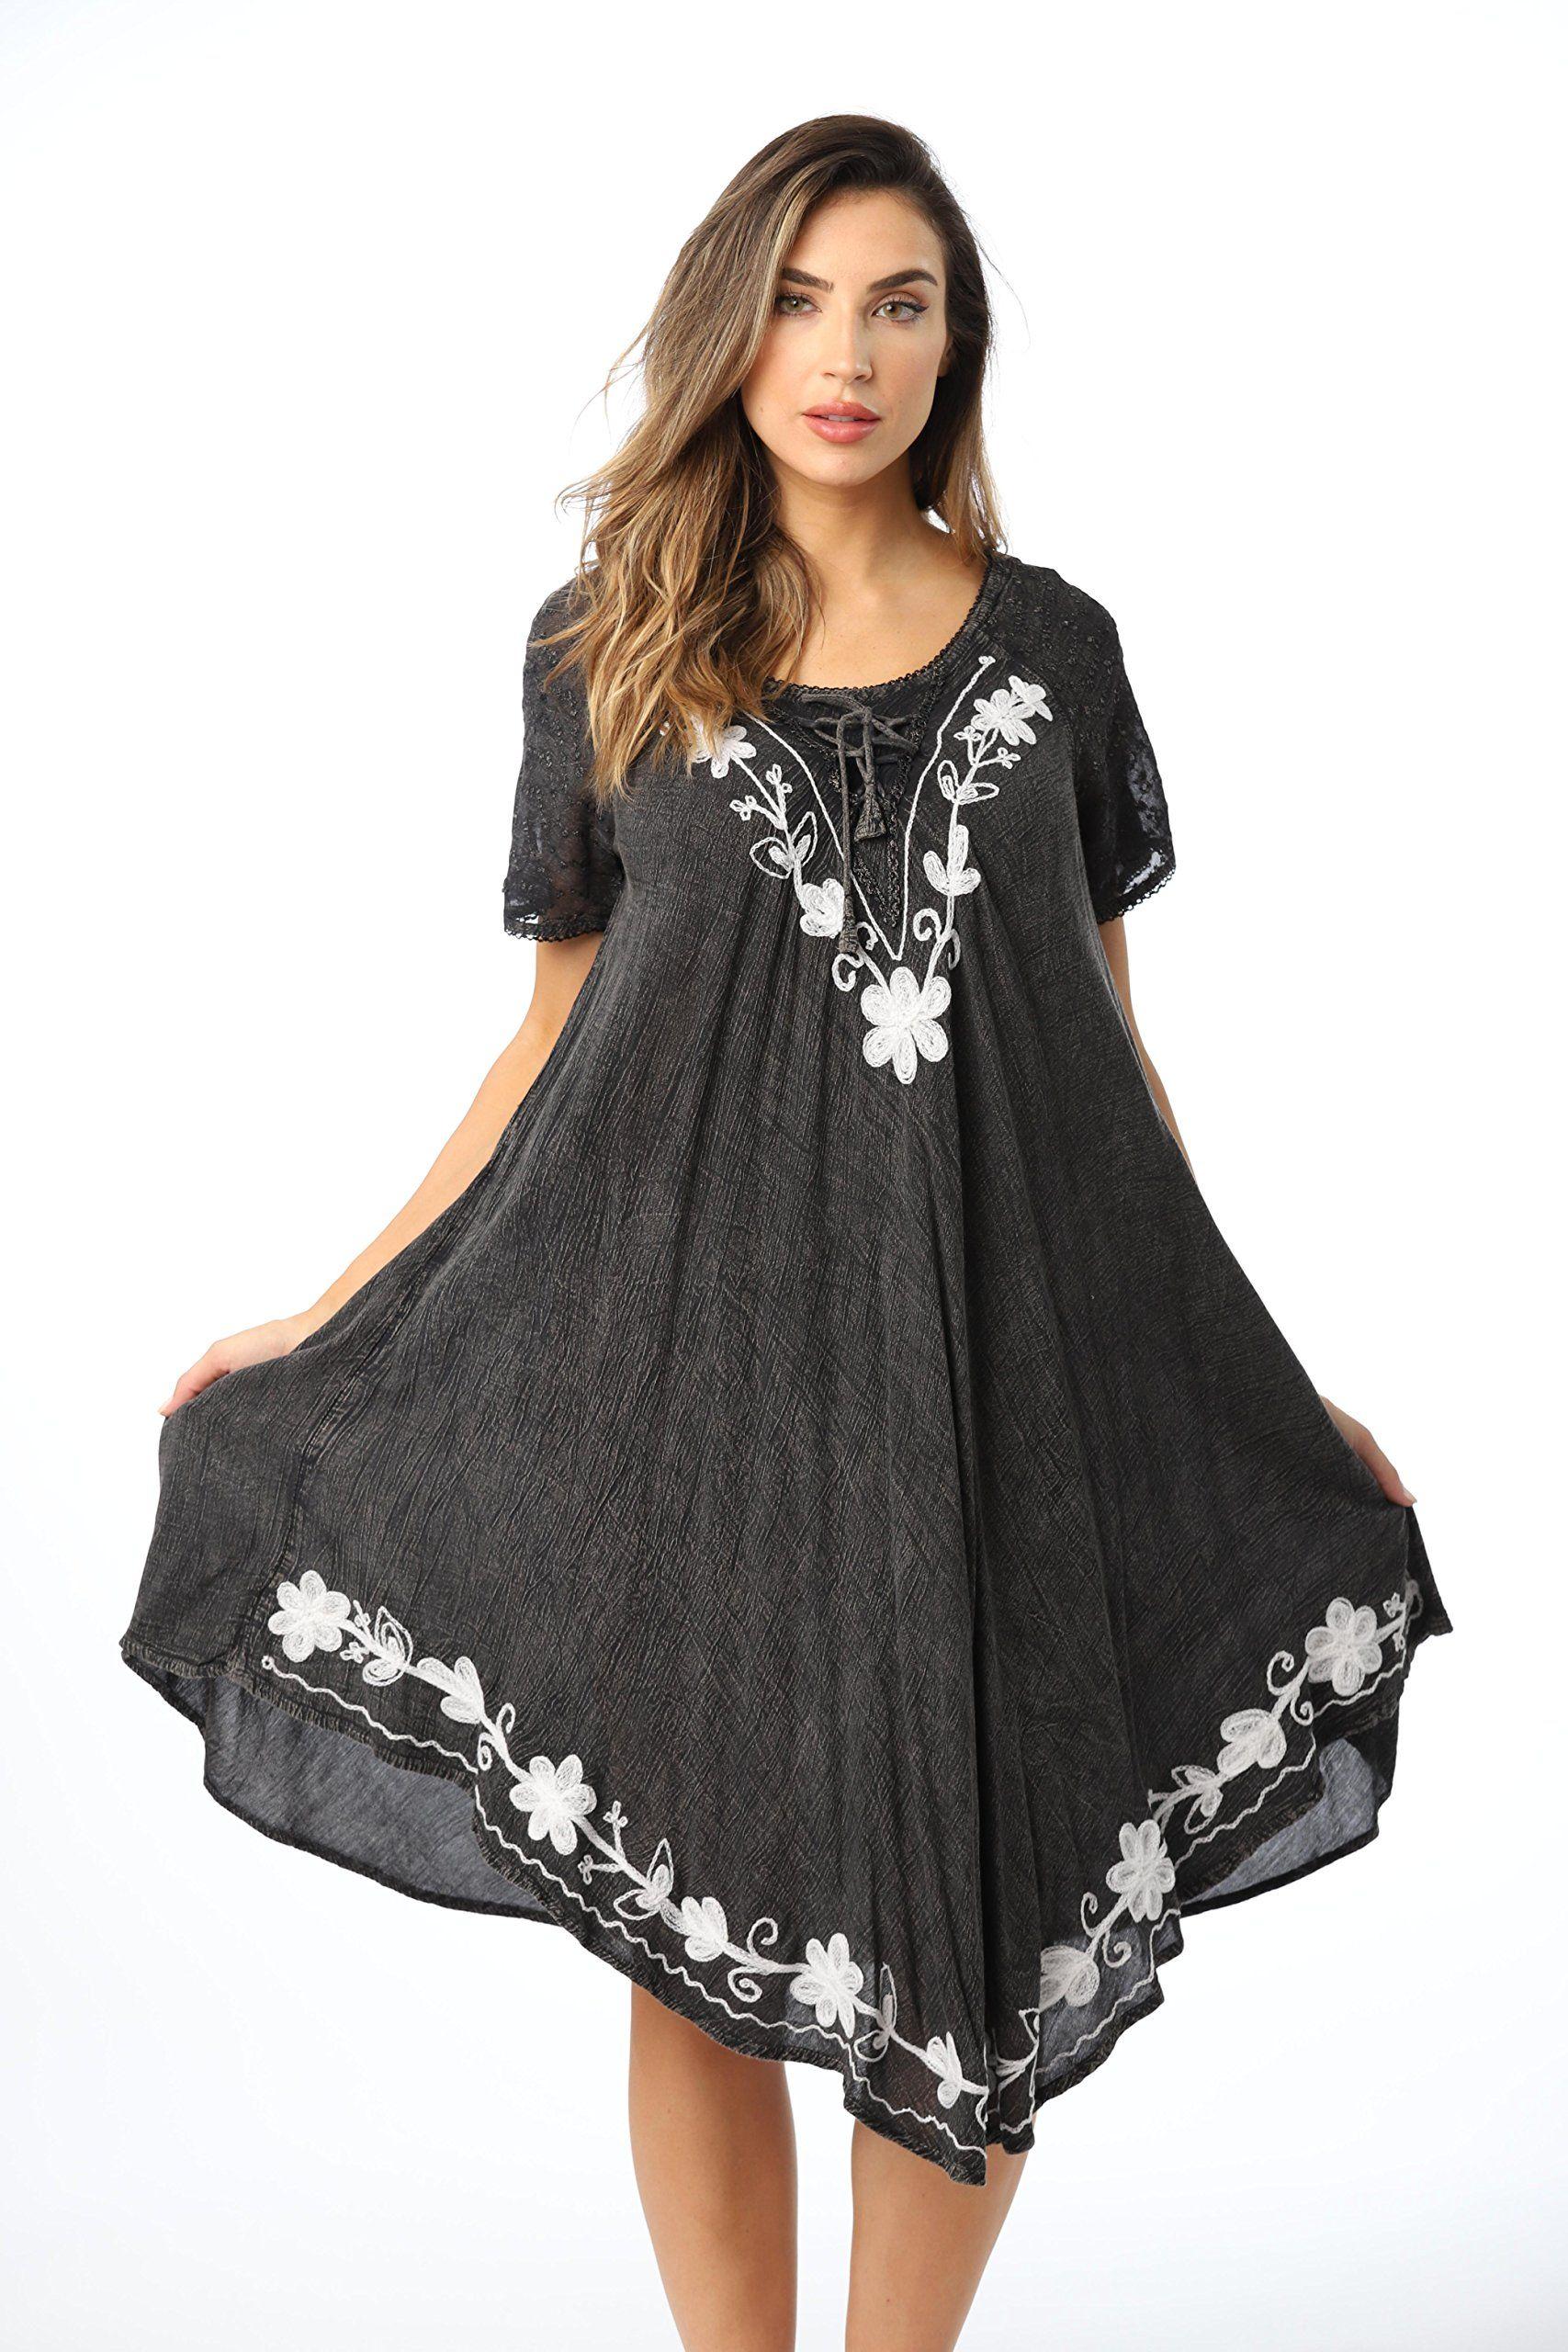 Riviera Sun Riviera Sun Dresses For Women Walmart Com Womens Dresses Embroidered Summer Dress Summer Dresses For Women [ 2560 x 1707 Pixel ]